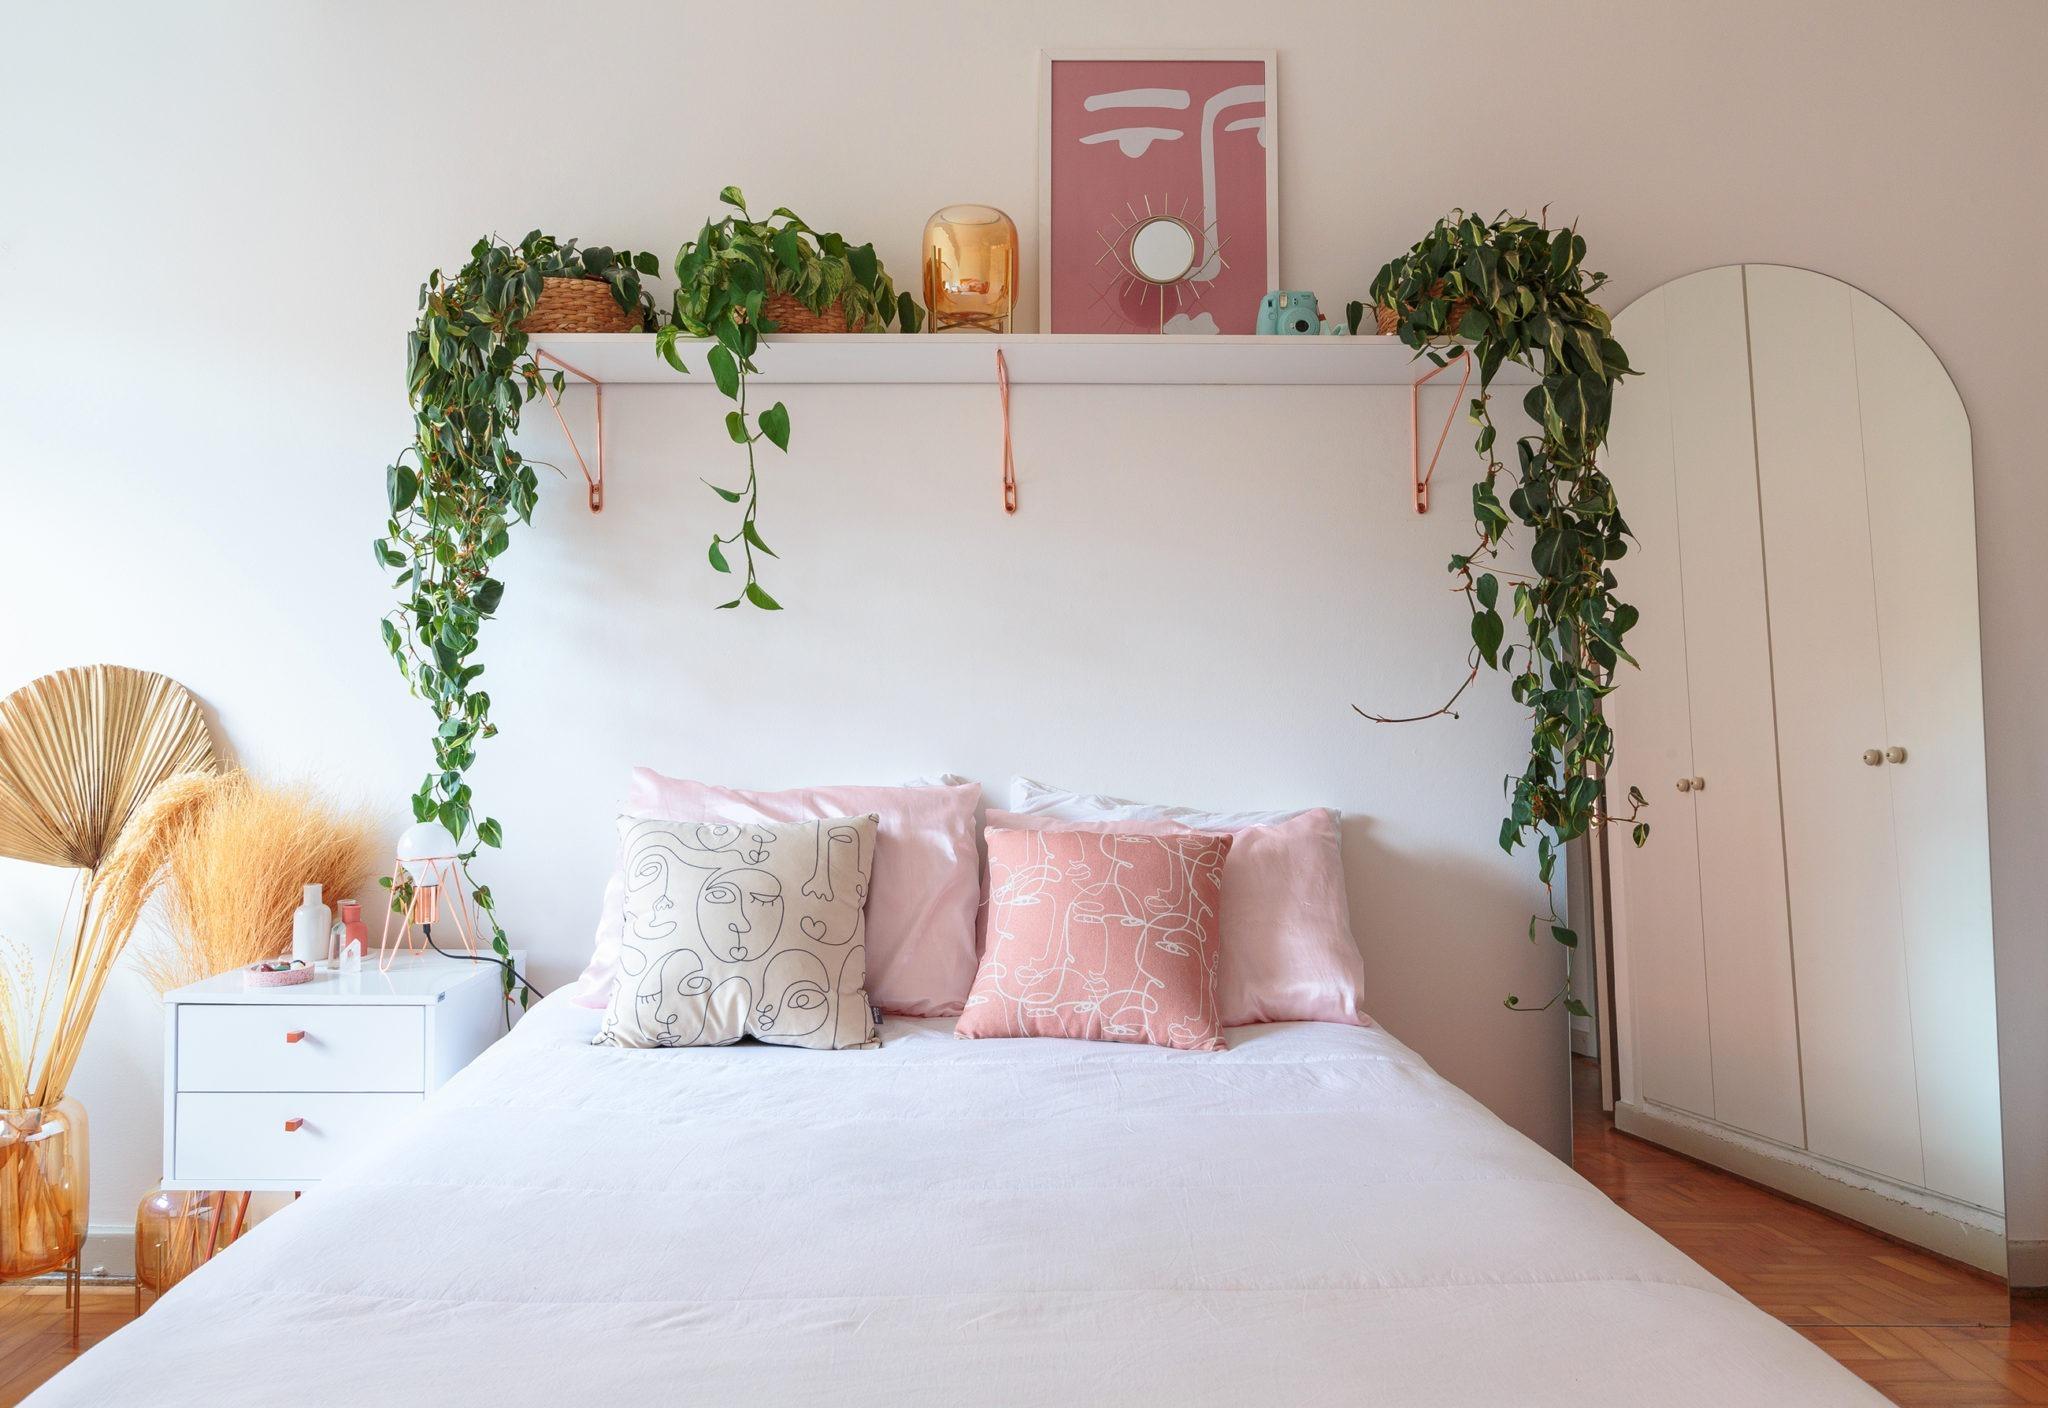 Quarto com prateleira sobre a cama e plantas